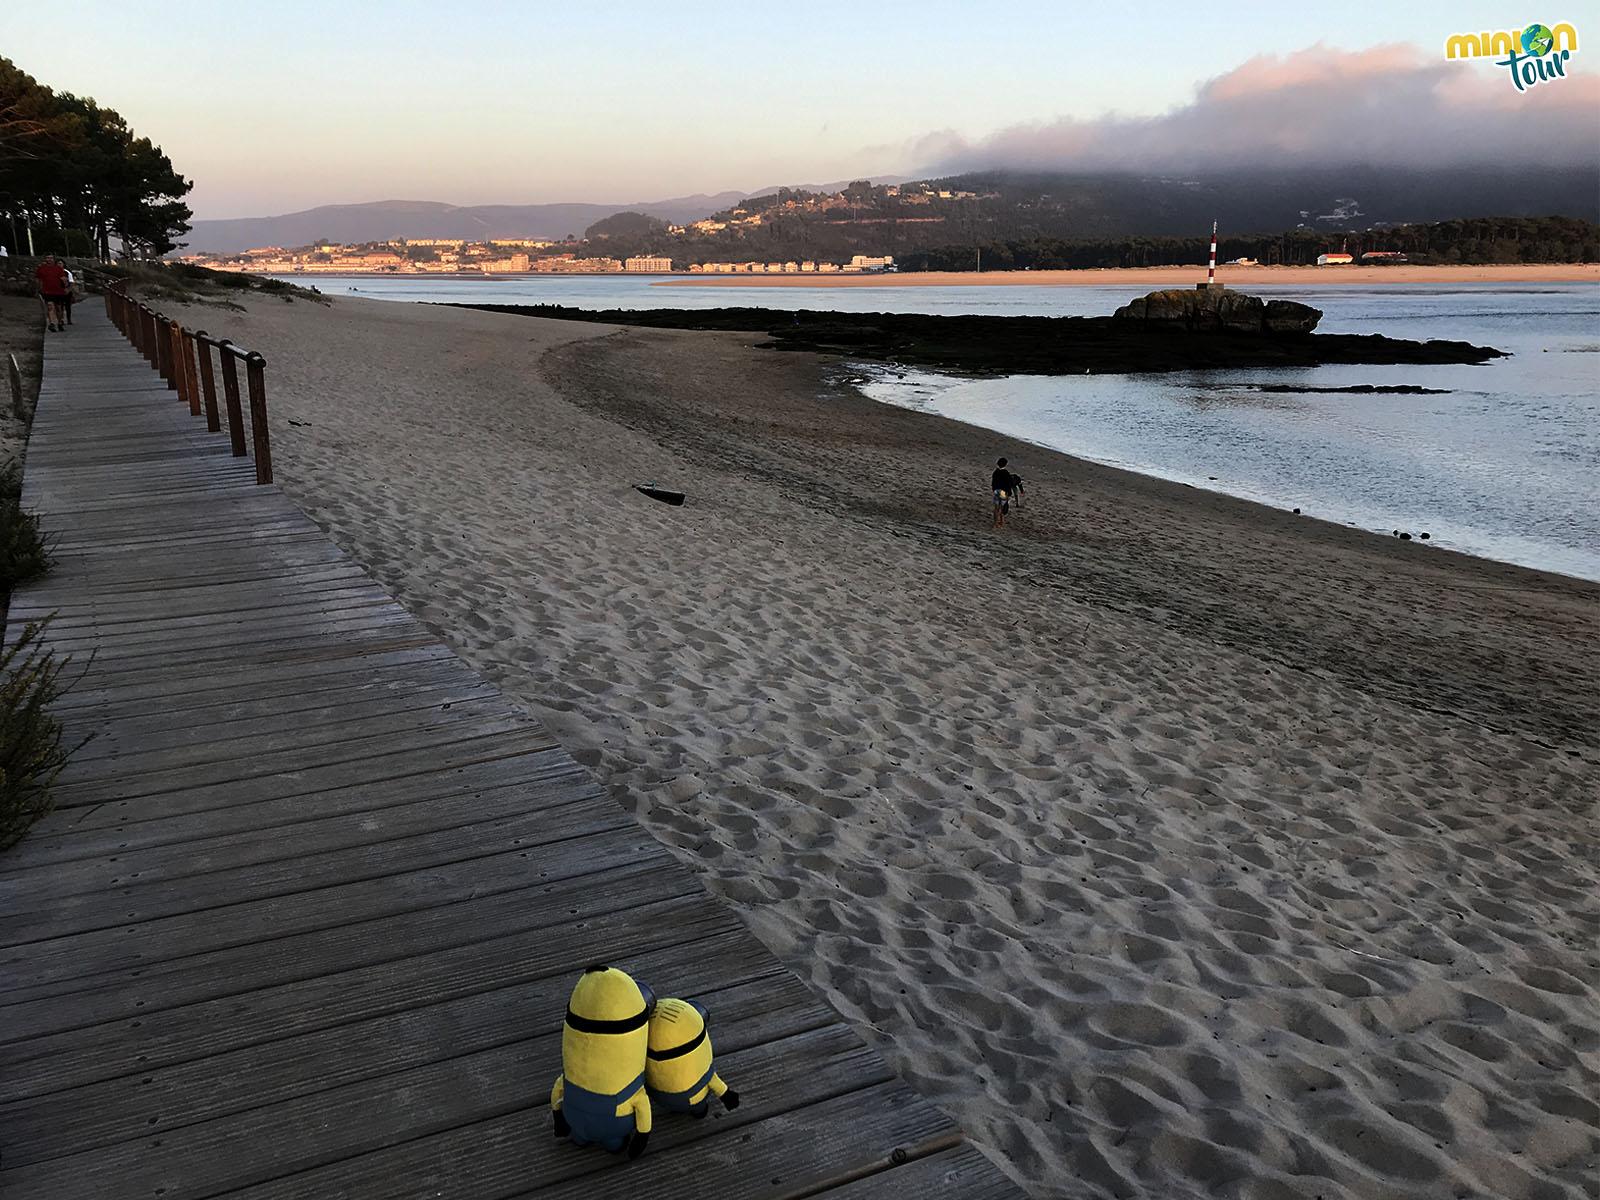 Observando Portugal